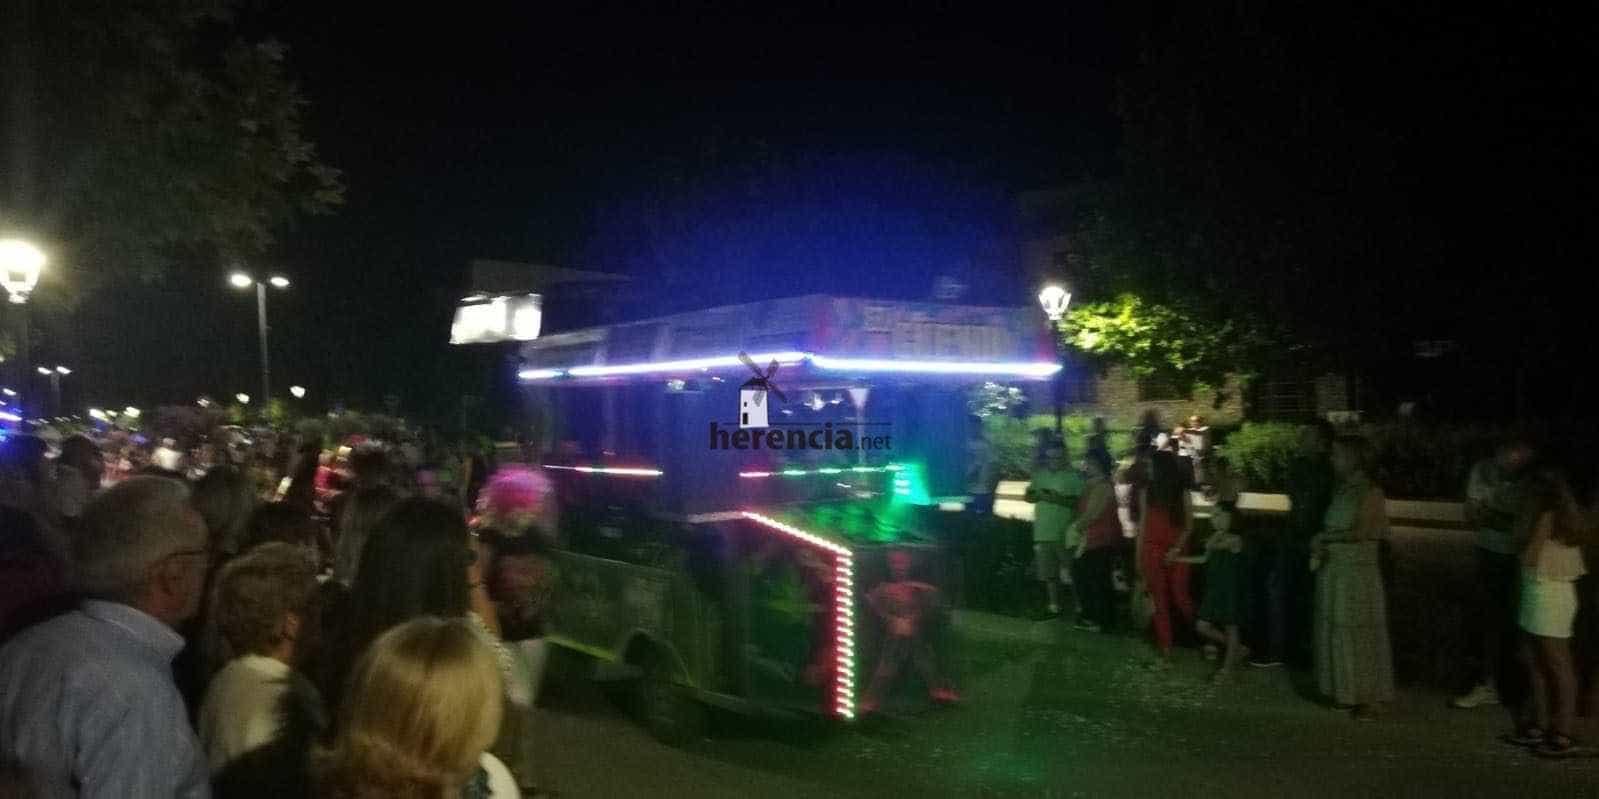 Carnaval de herencia 2019 galeria 40 - Galería de fotografías del Carnaval de Verano 2019